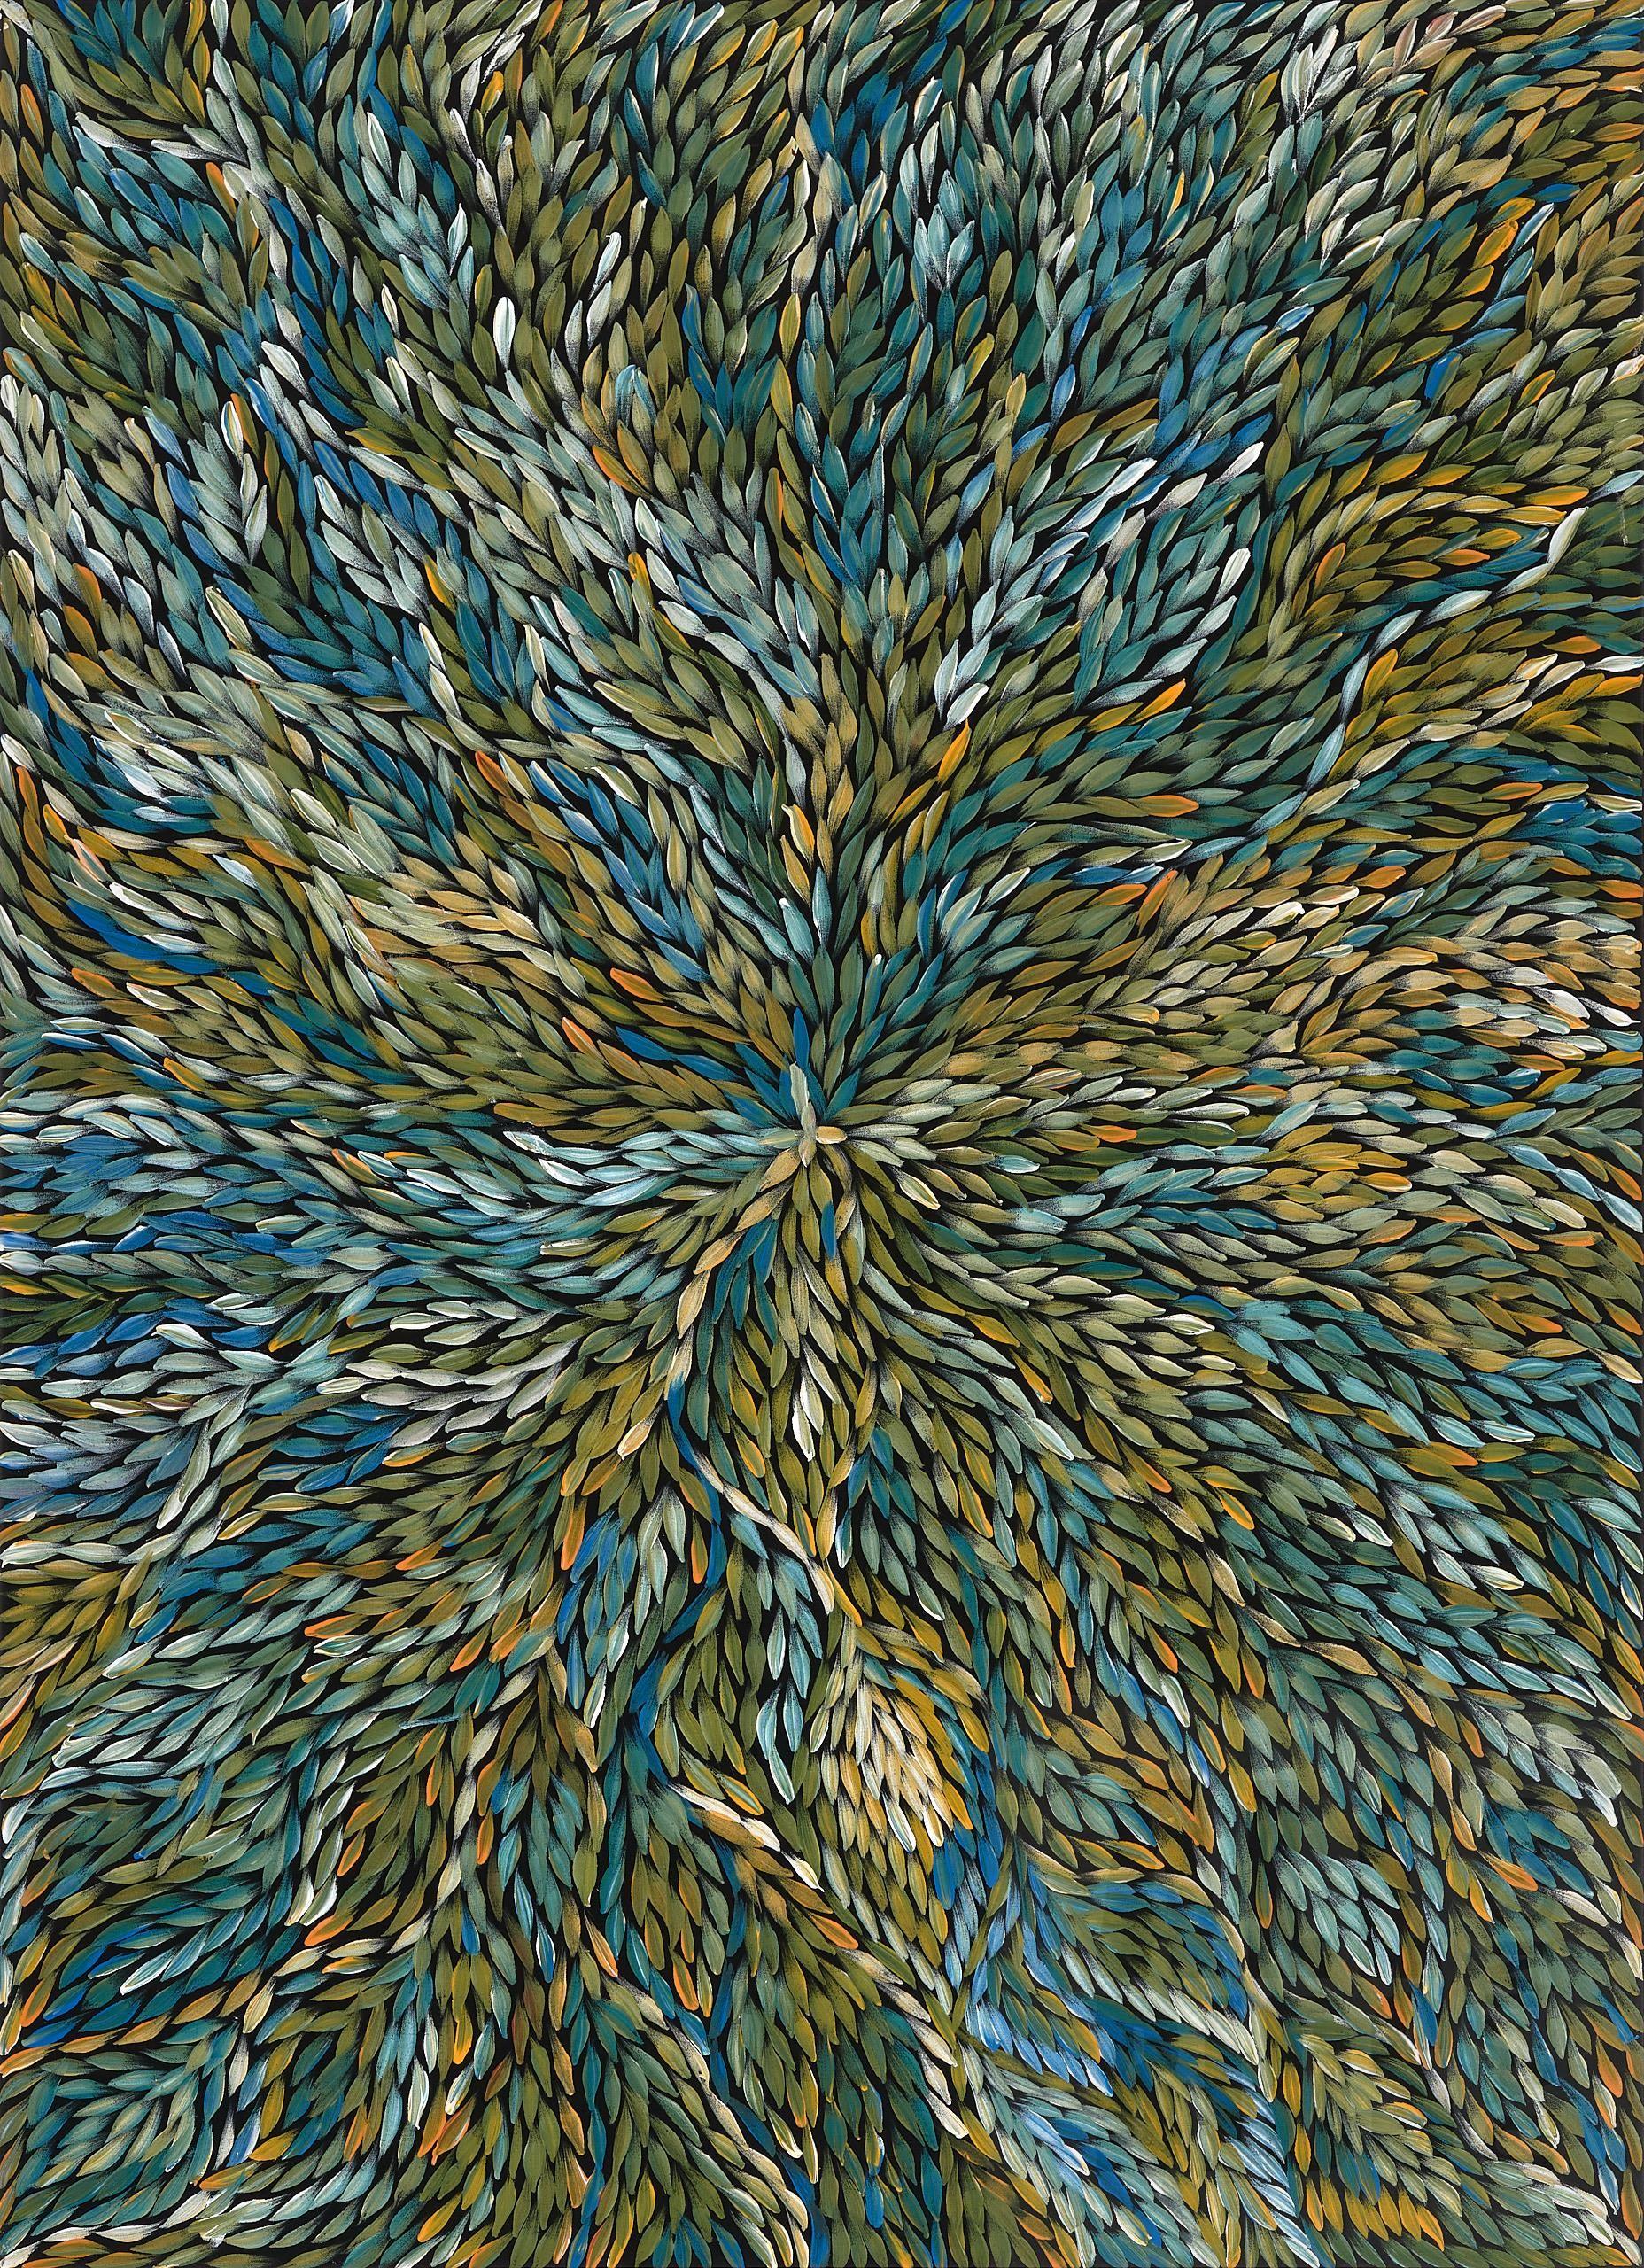 'Jeannie (Pitjara) Petyarre (born c1956), Yam Leaf Dreaming, Acrylic on Canvas, 133 x 96 cm'